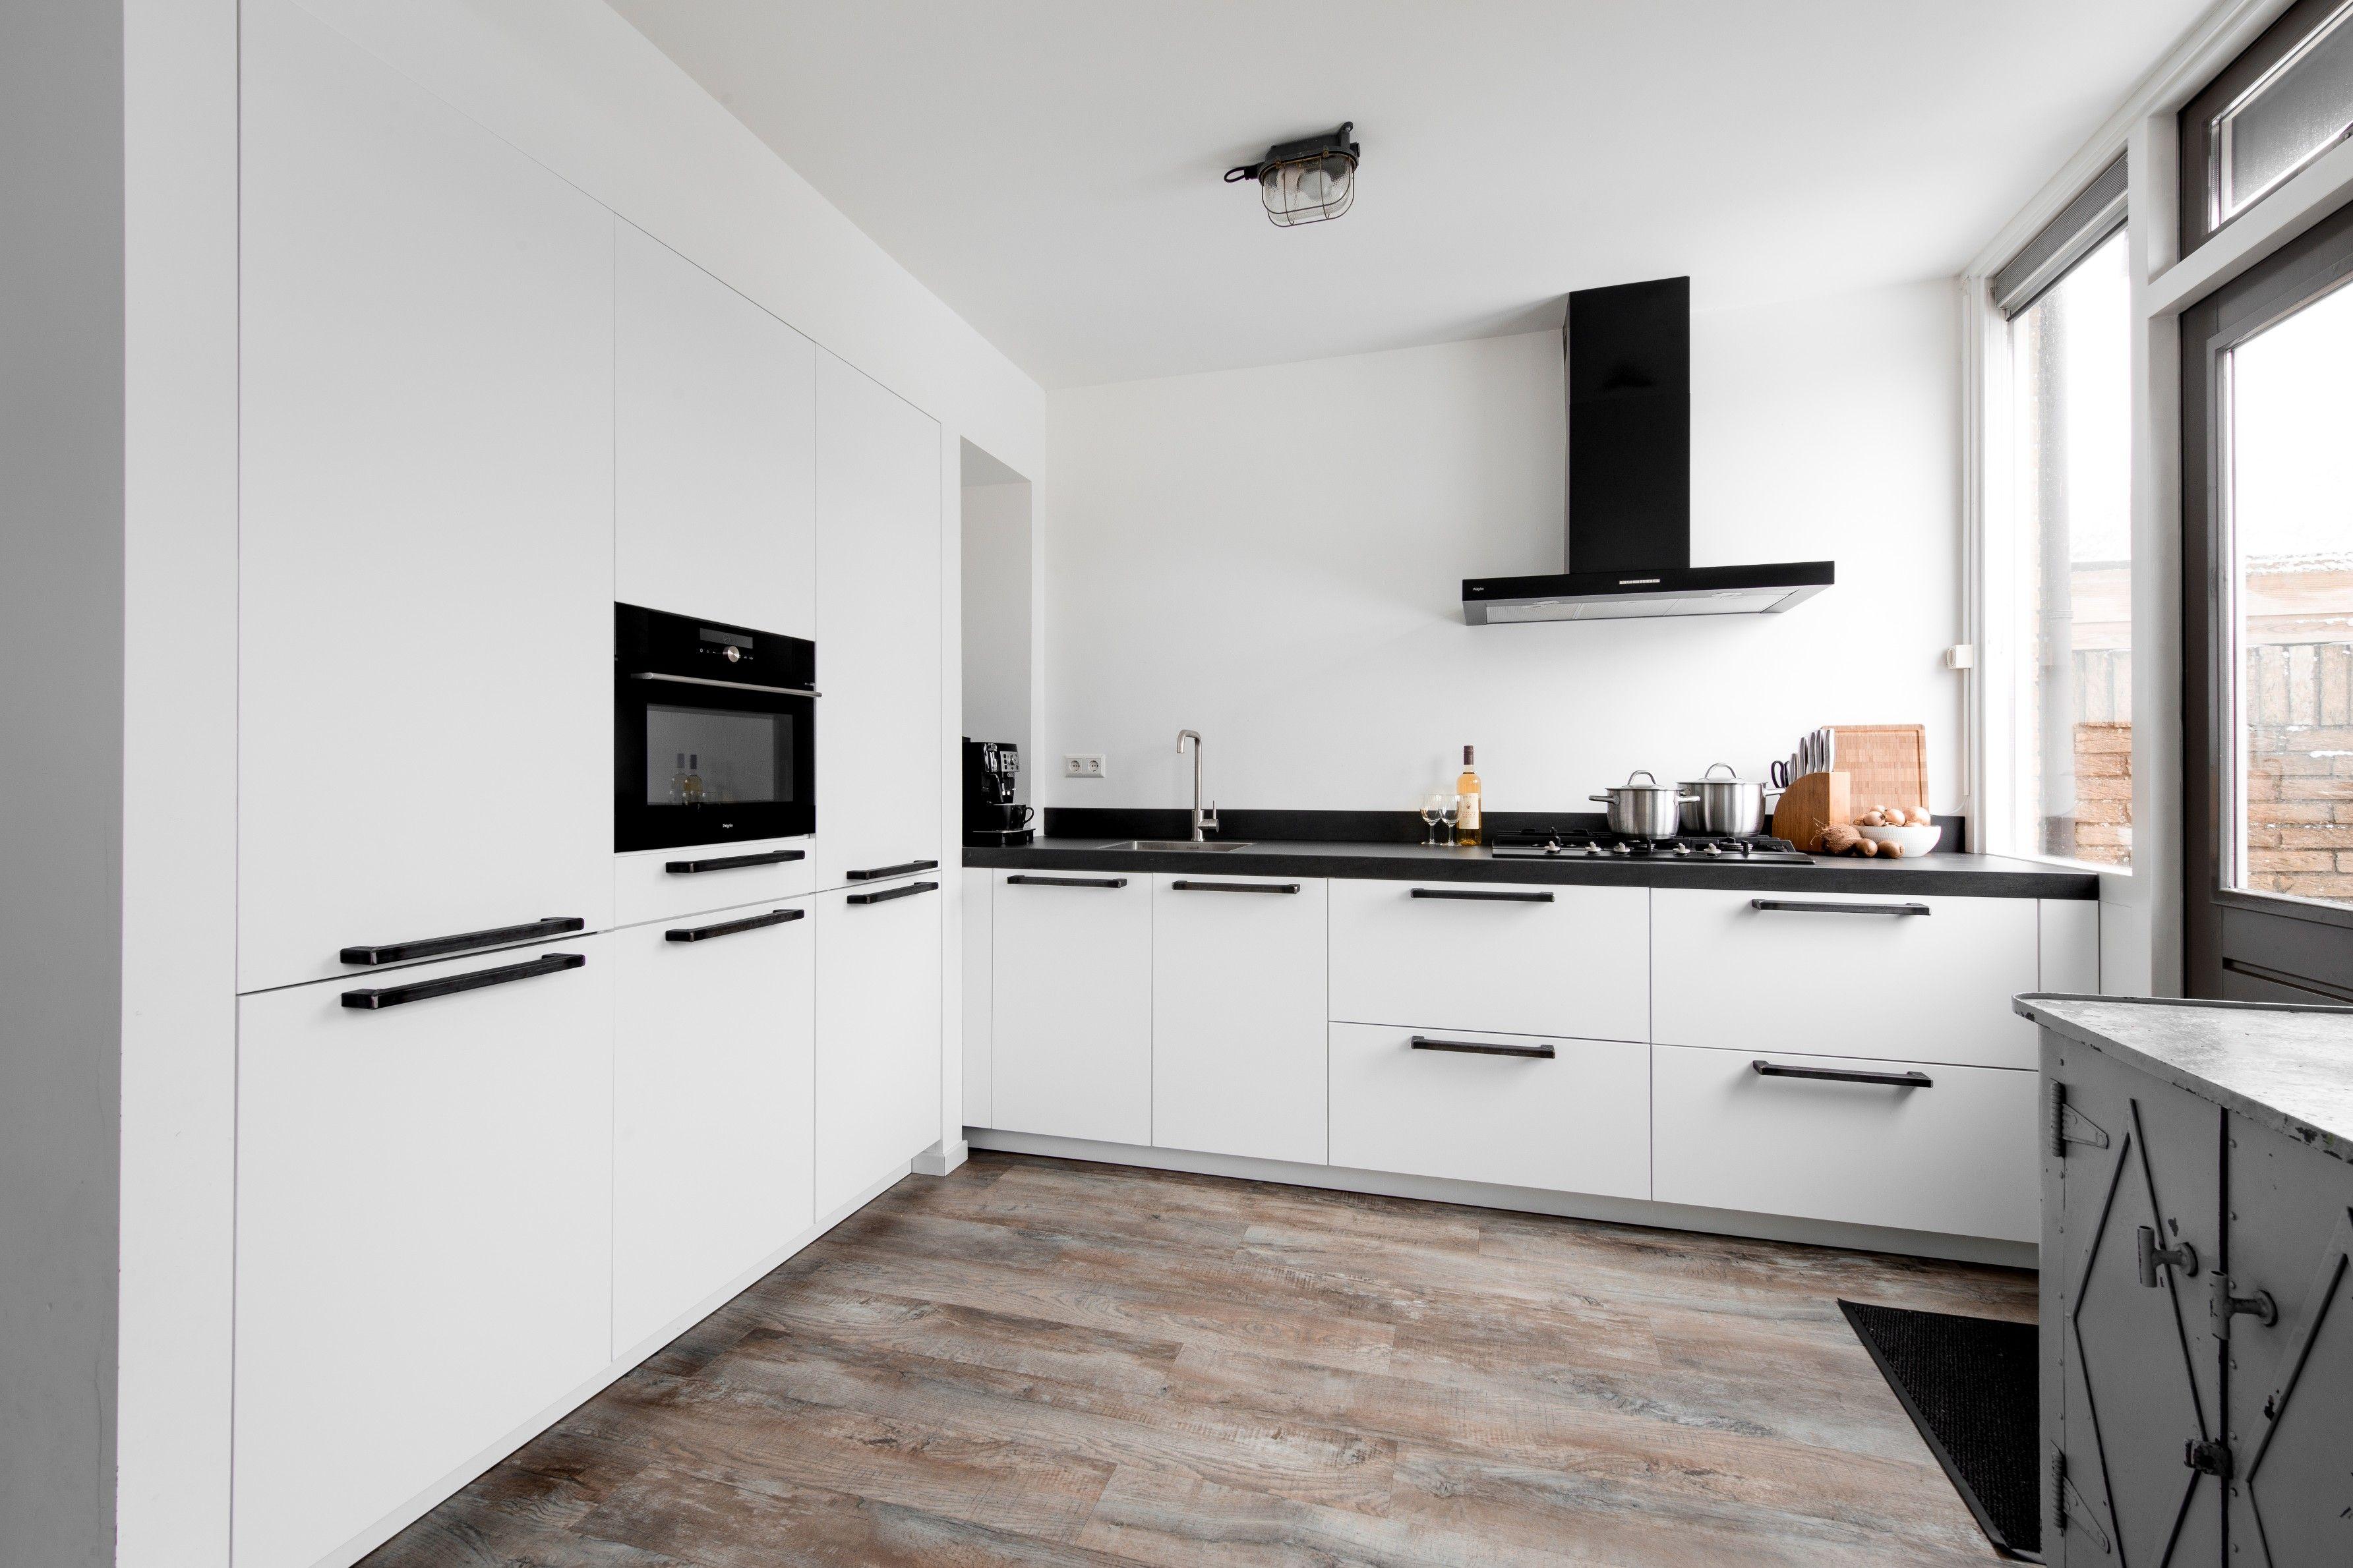 Witte Complete Hoekkeuken.Een Moderne Witte Hoekkeuken Van Middelkoop In Deze Keuken Wordt Op